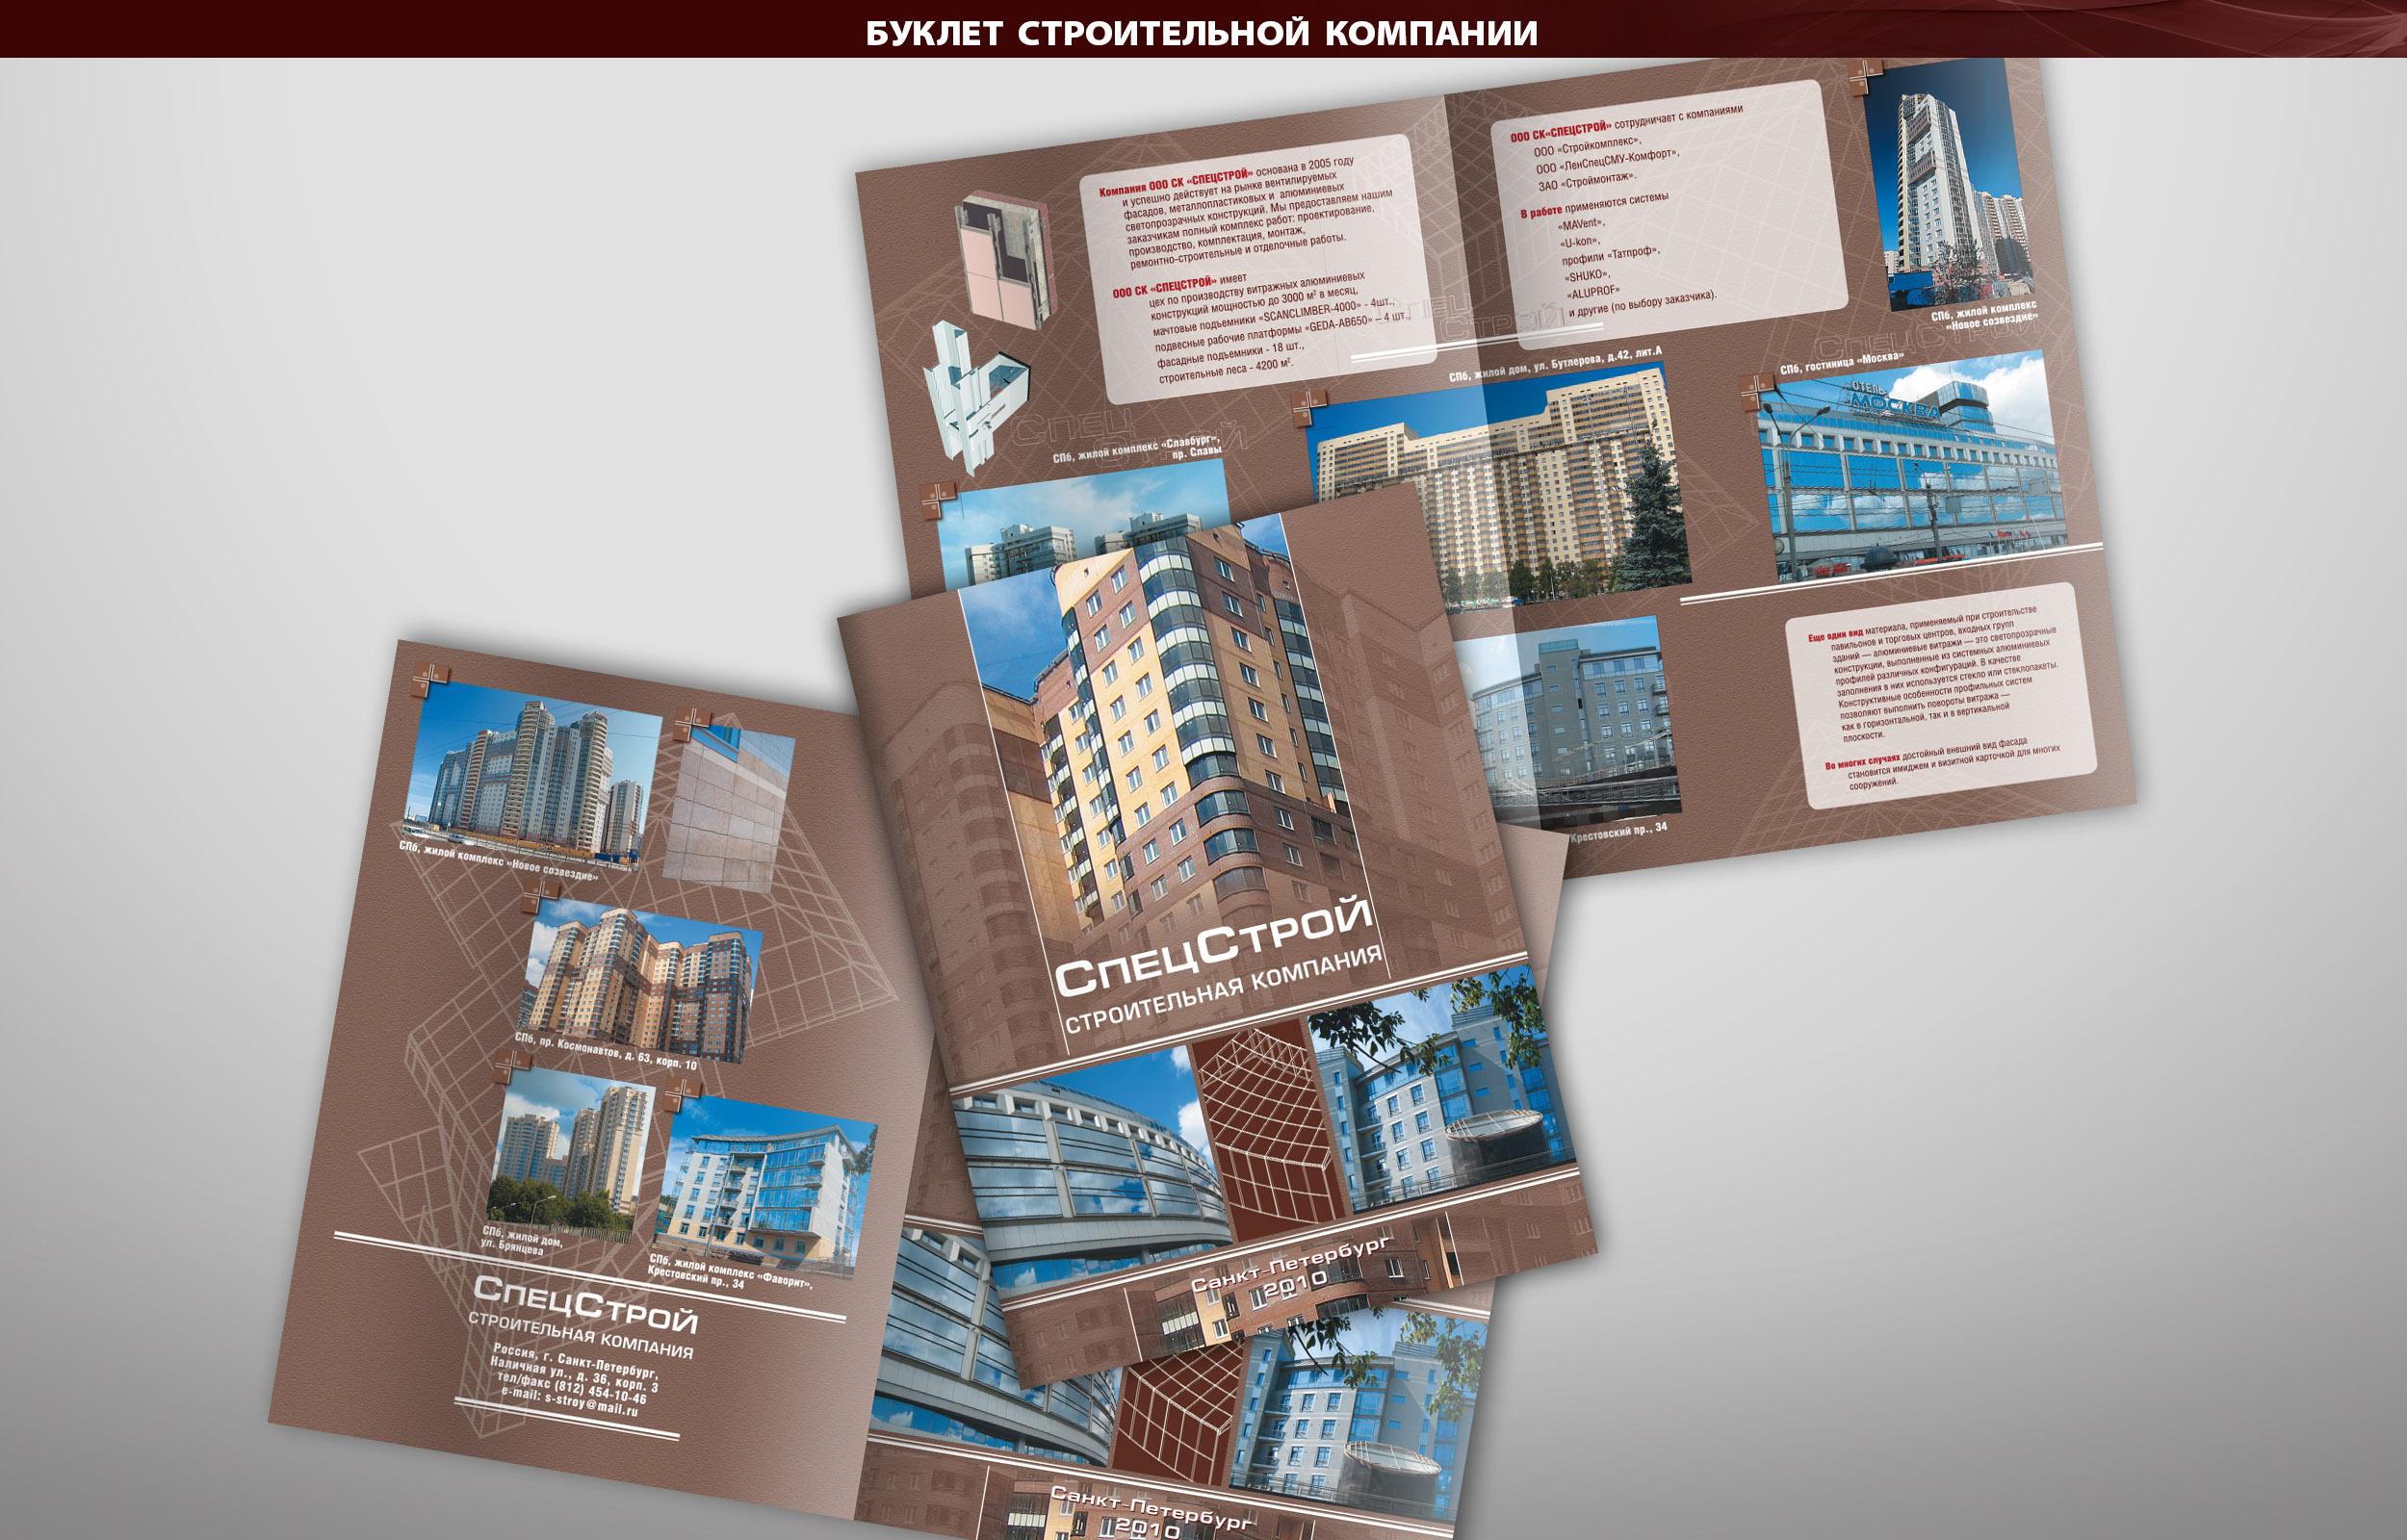 Буклет строительной компании